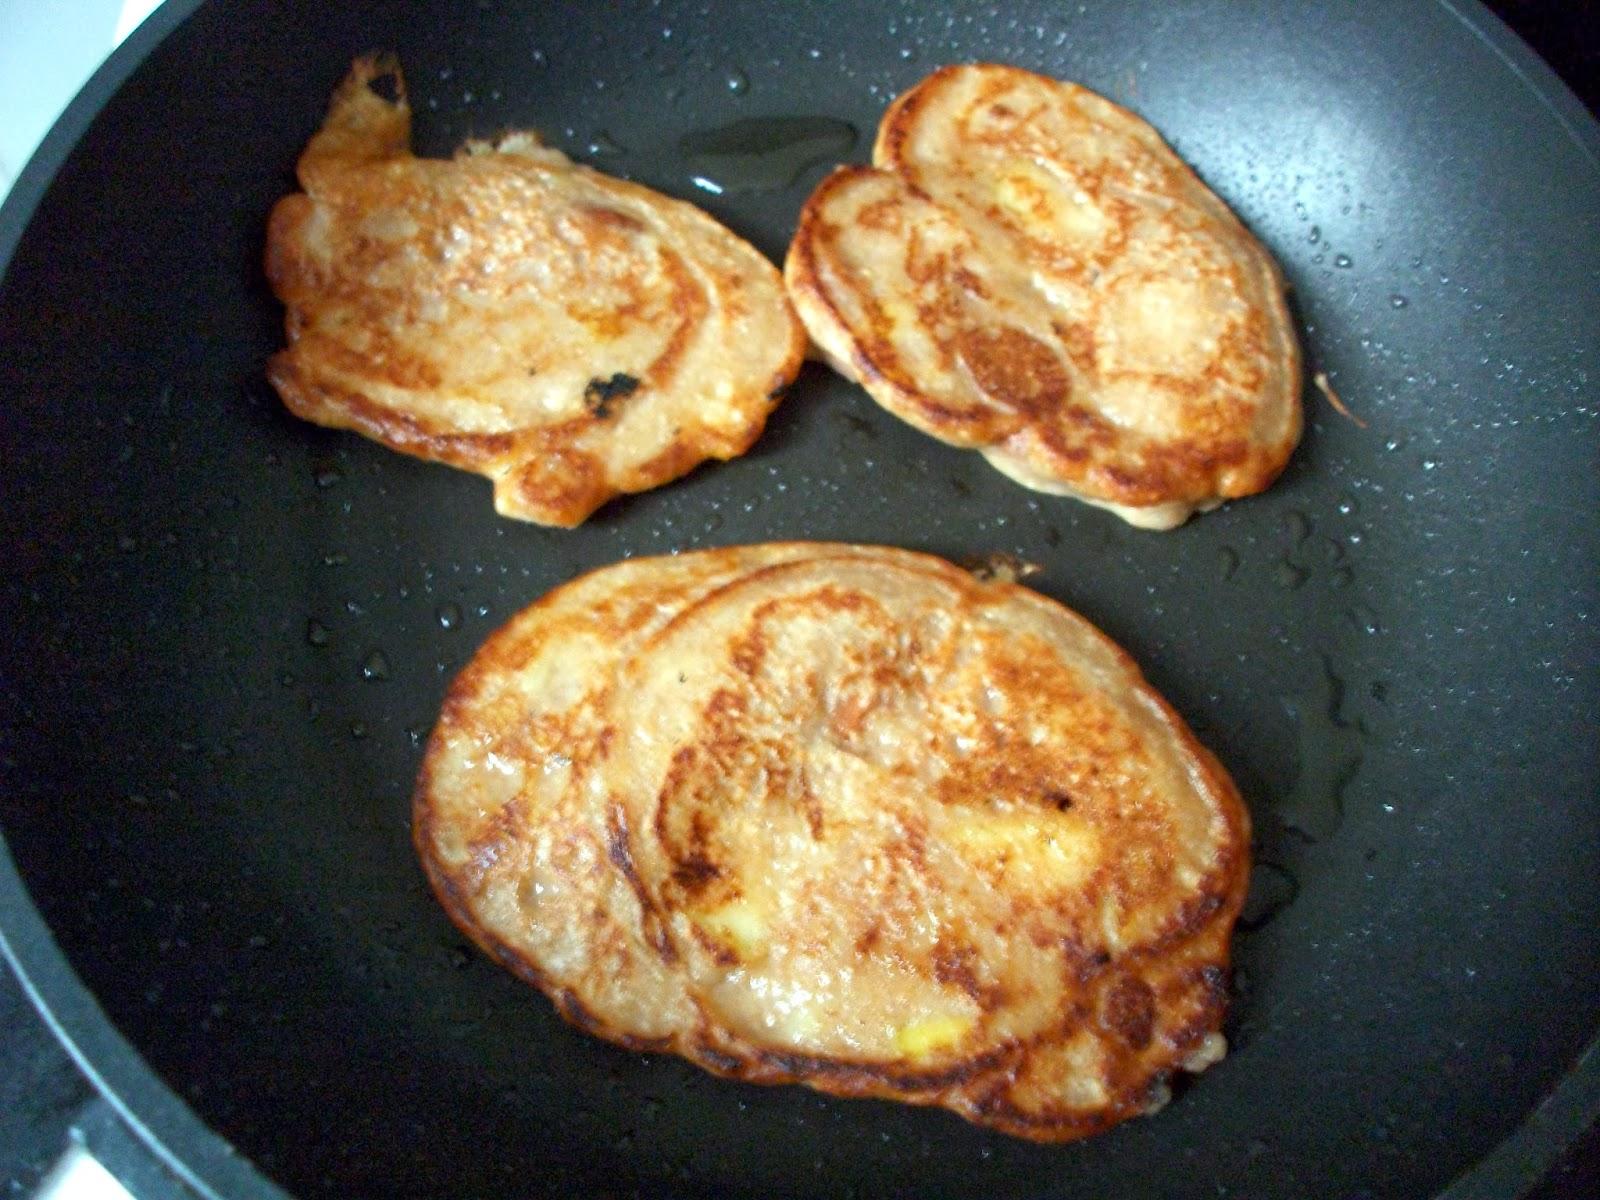 vegan_banana_pancakes_3.JPG